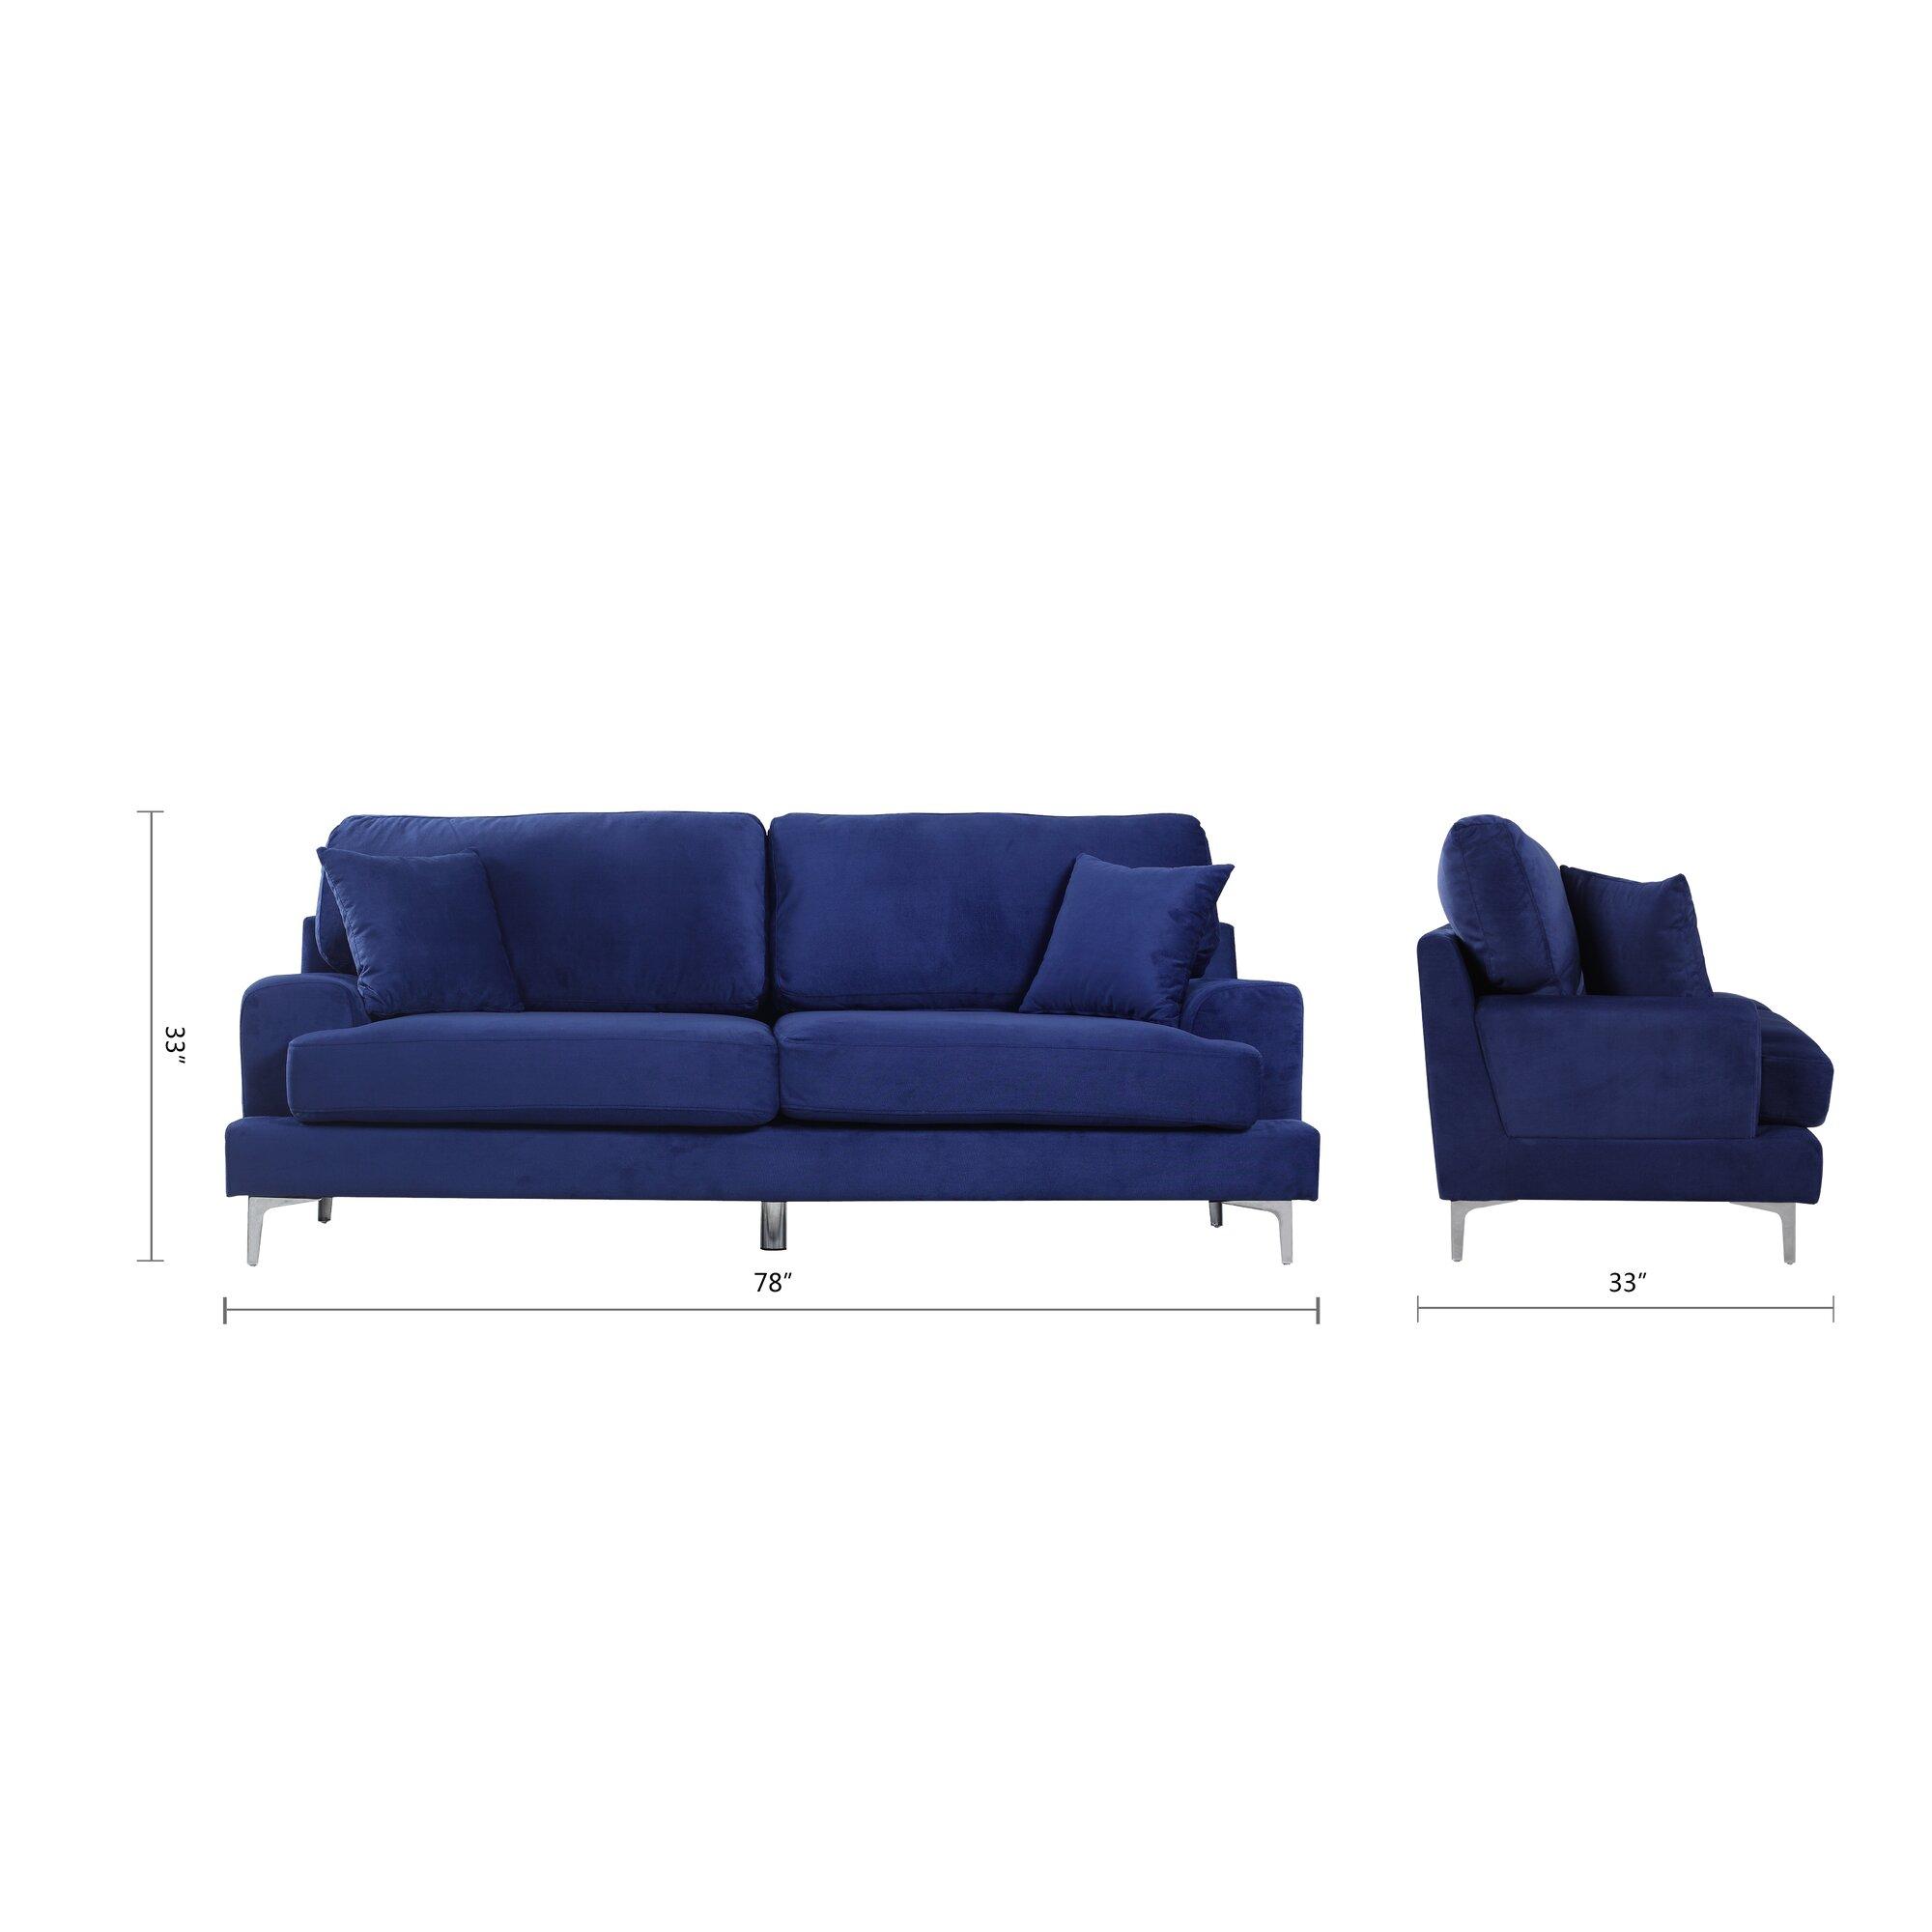 ultra modern plush velvet living room sofa reviews allmodern. Black Bedroom Furniture Sets. Home Design Ideas